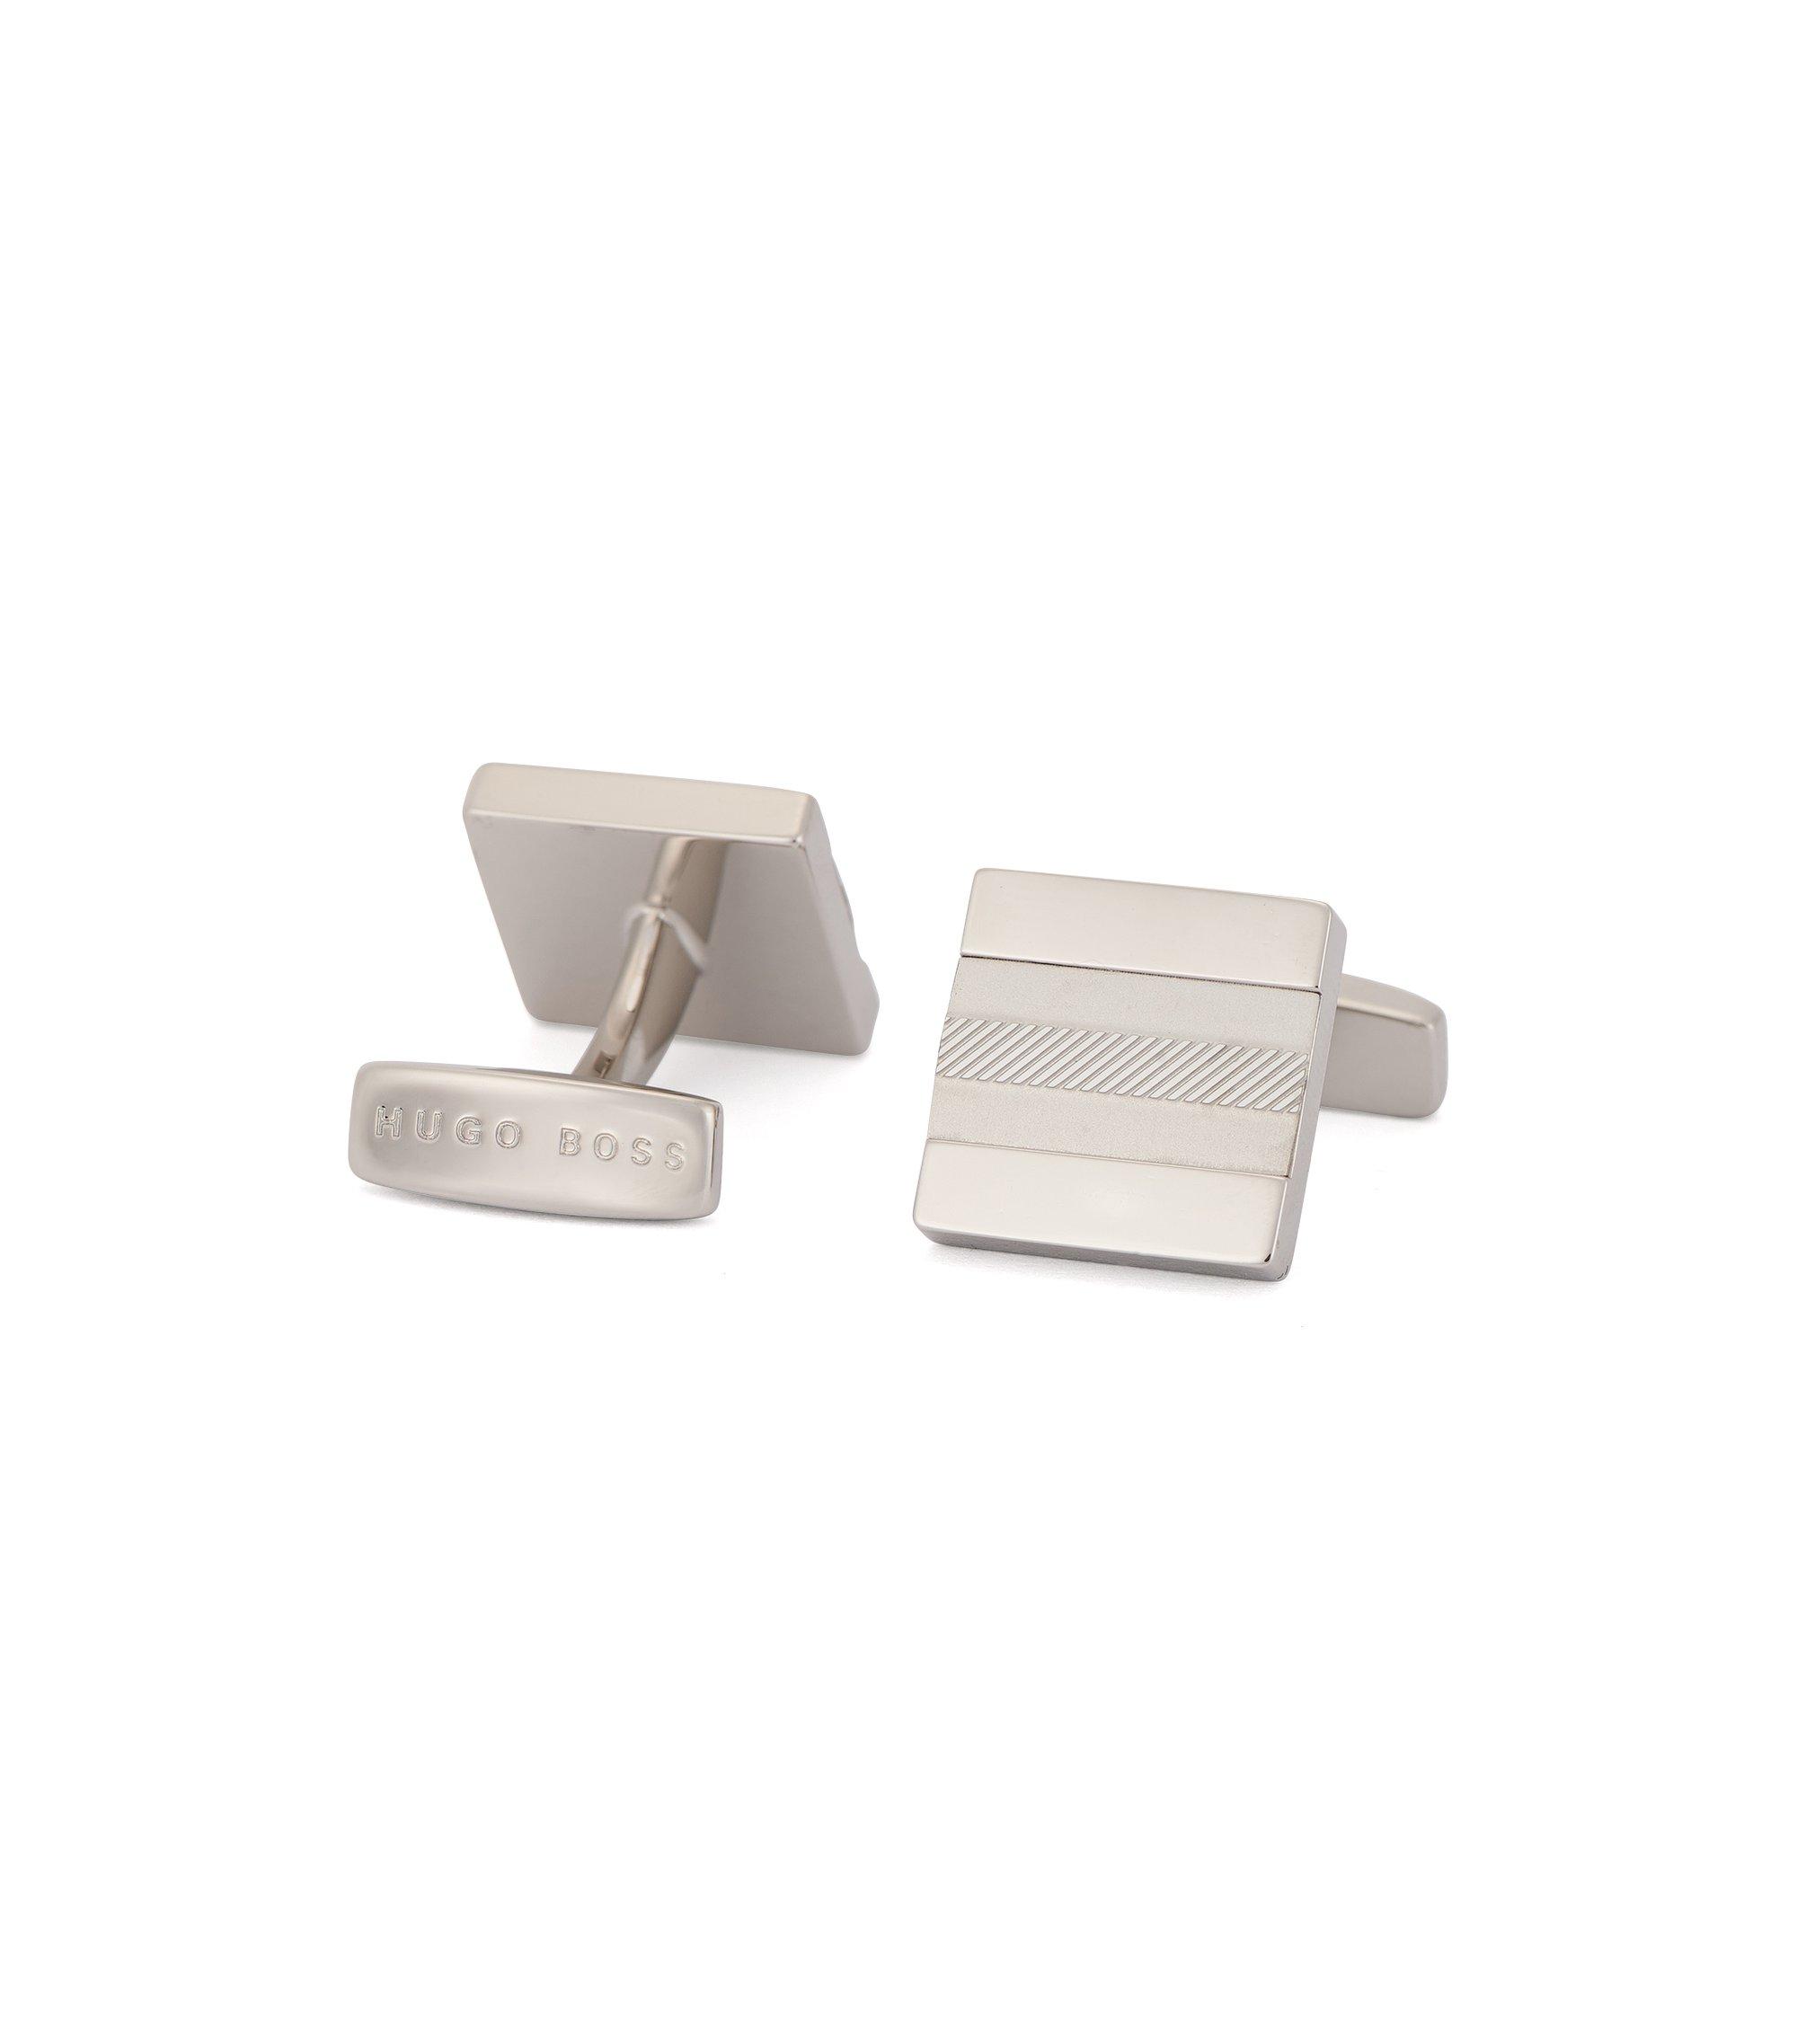 Viereckige Manschettenknöpfe aus poliertem und gebürstetem Messing, Silber